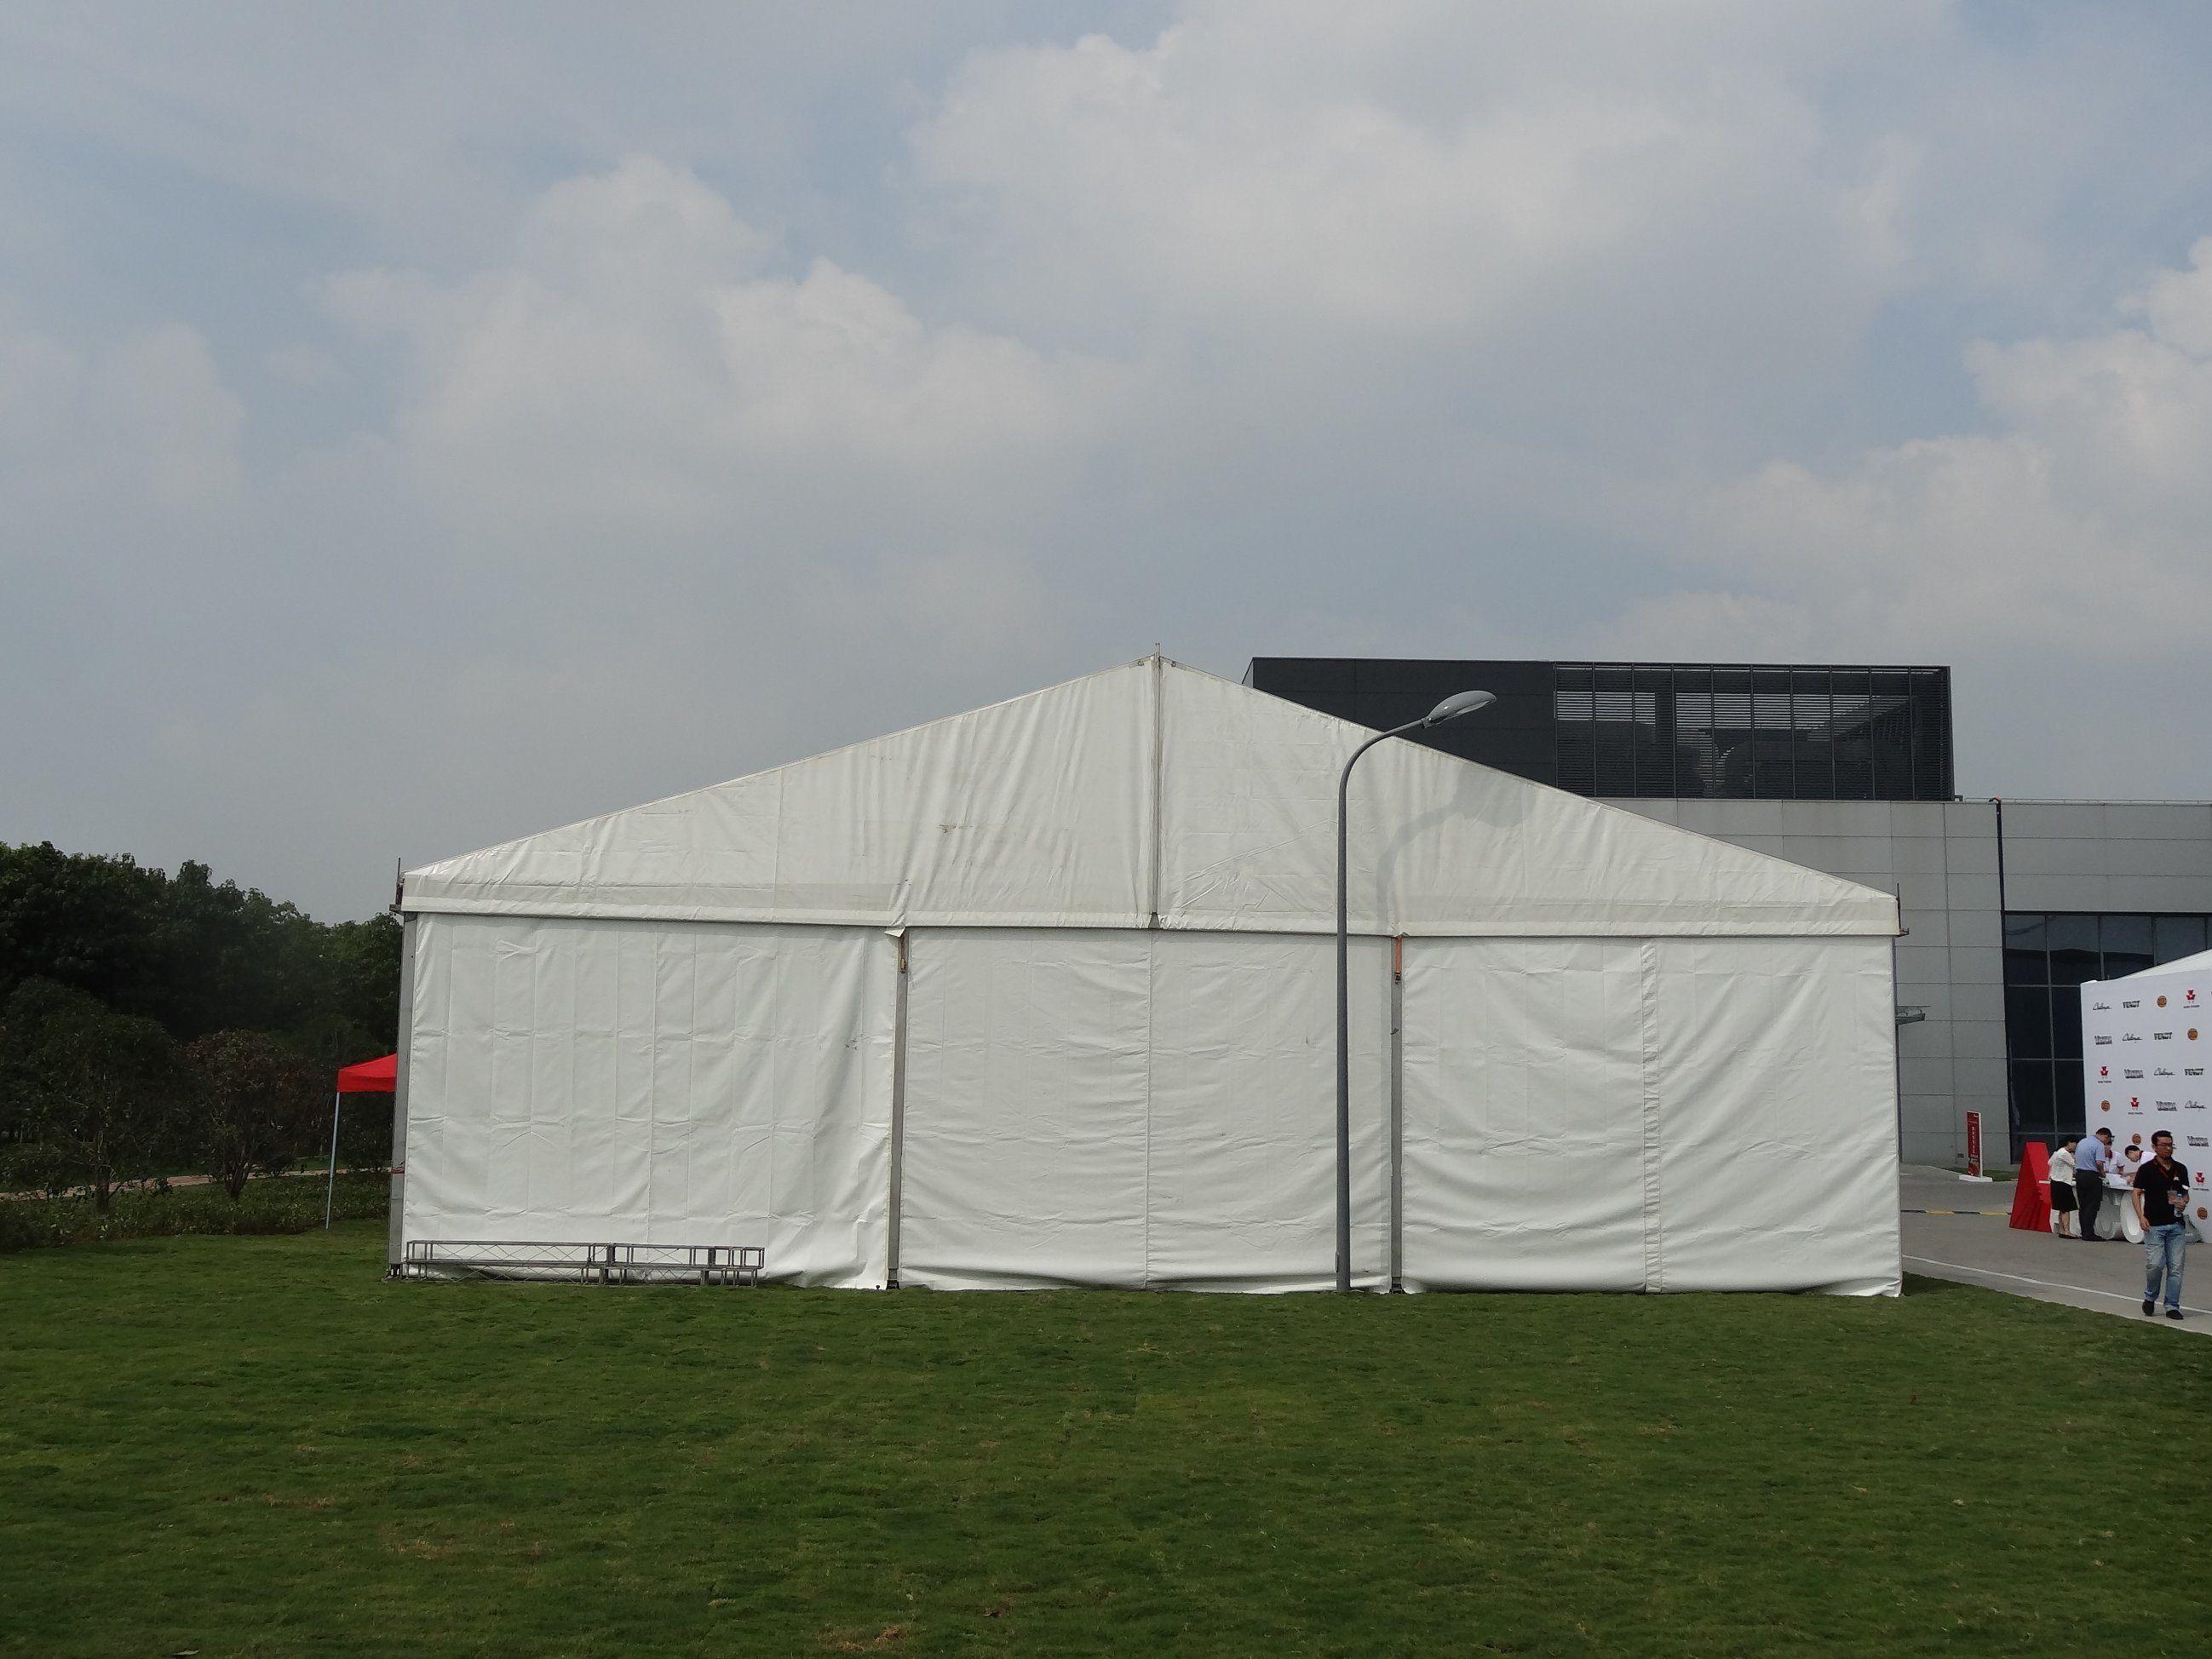 اجاره چادر نمایشگاهی اسپیس سازان کوثر